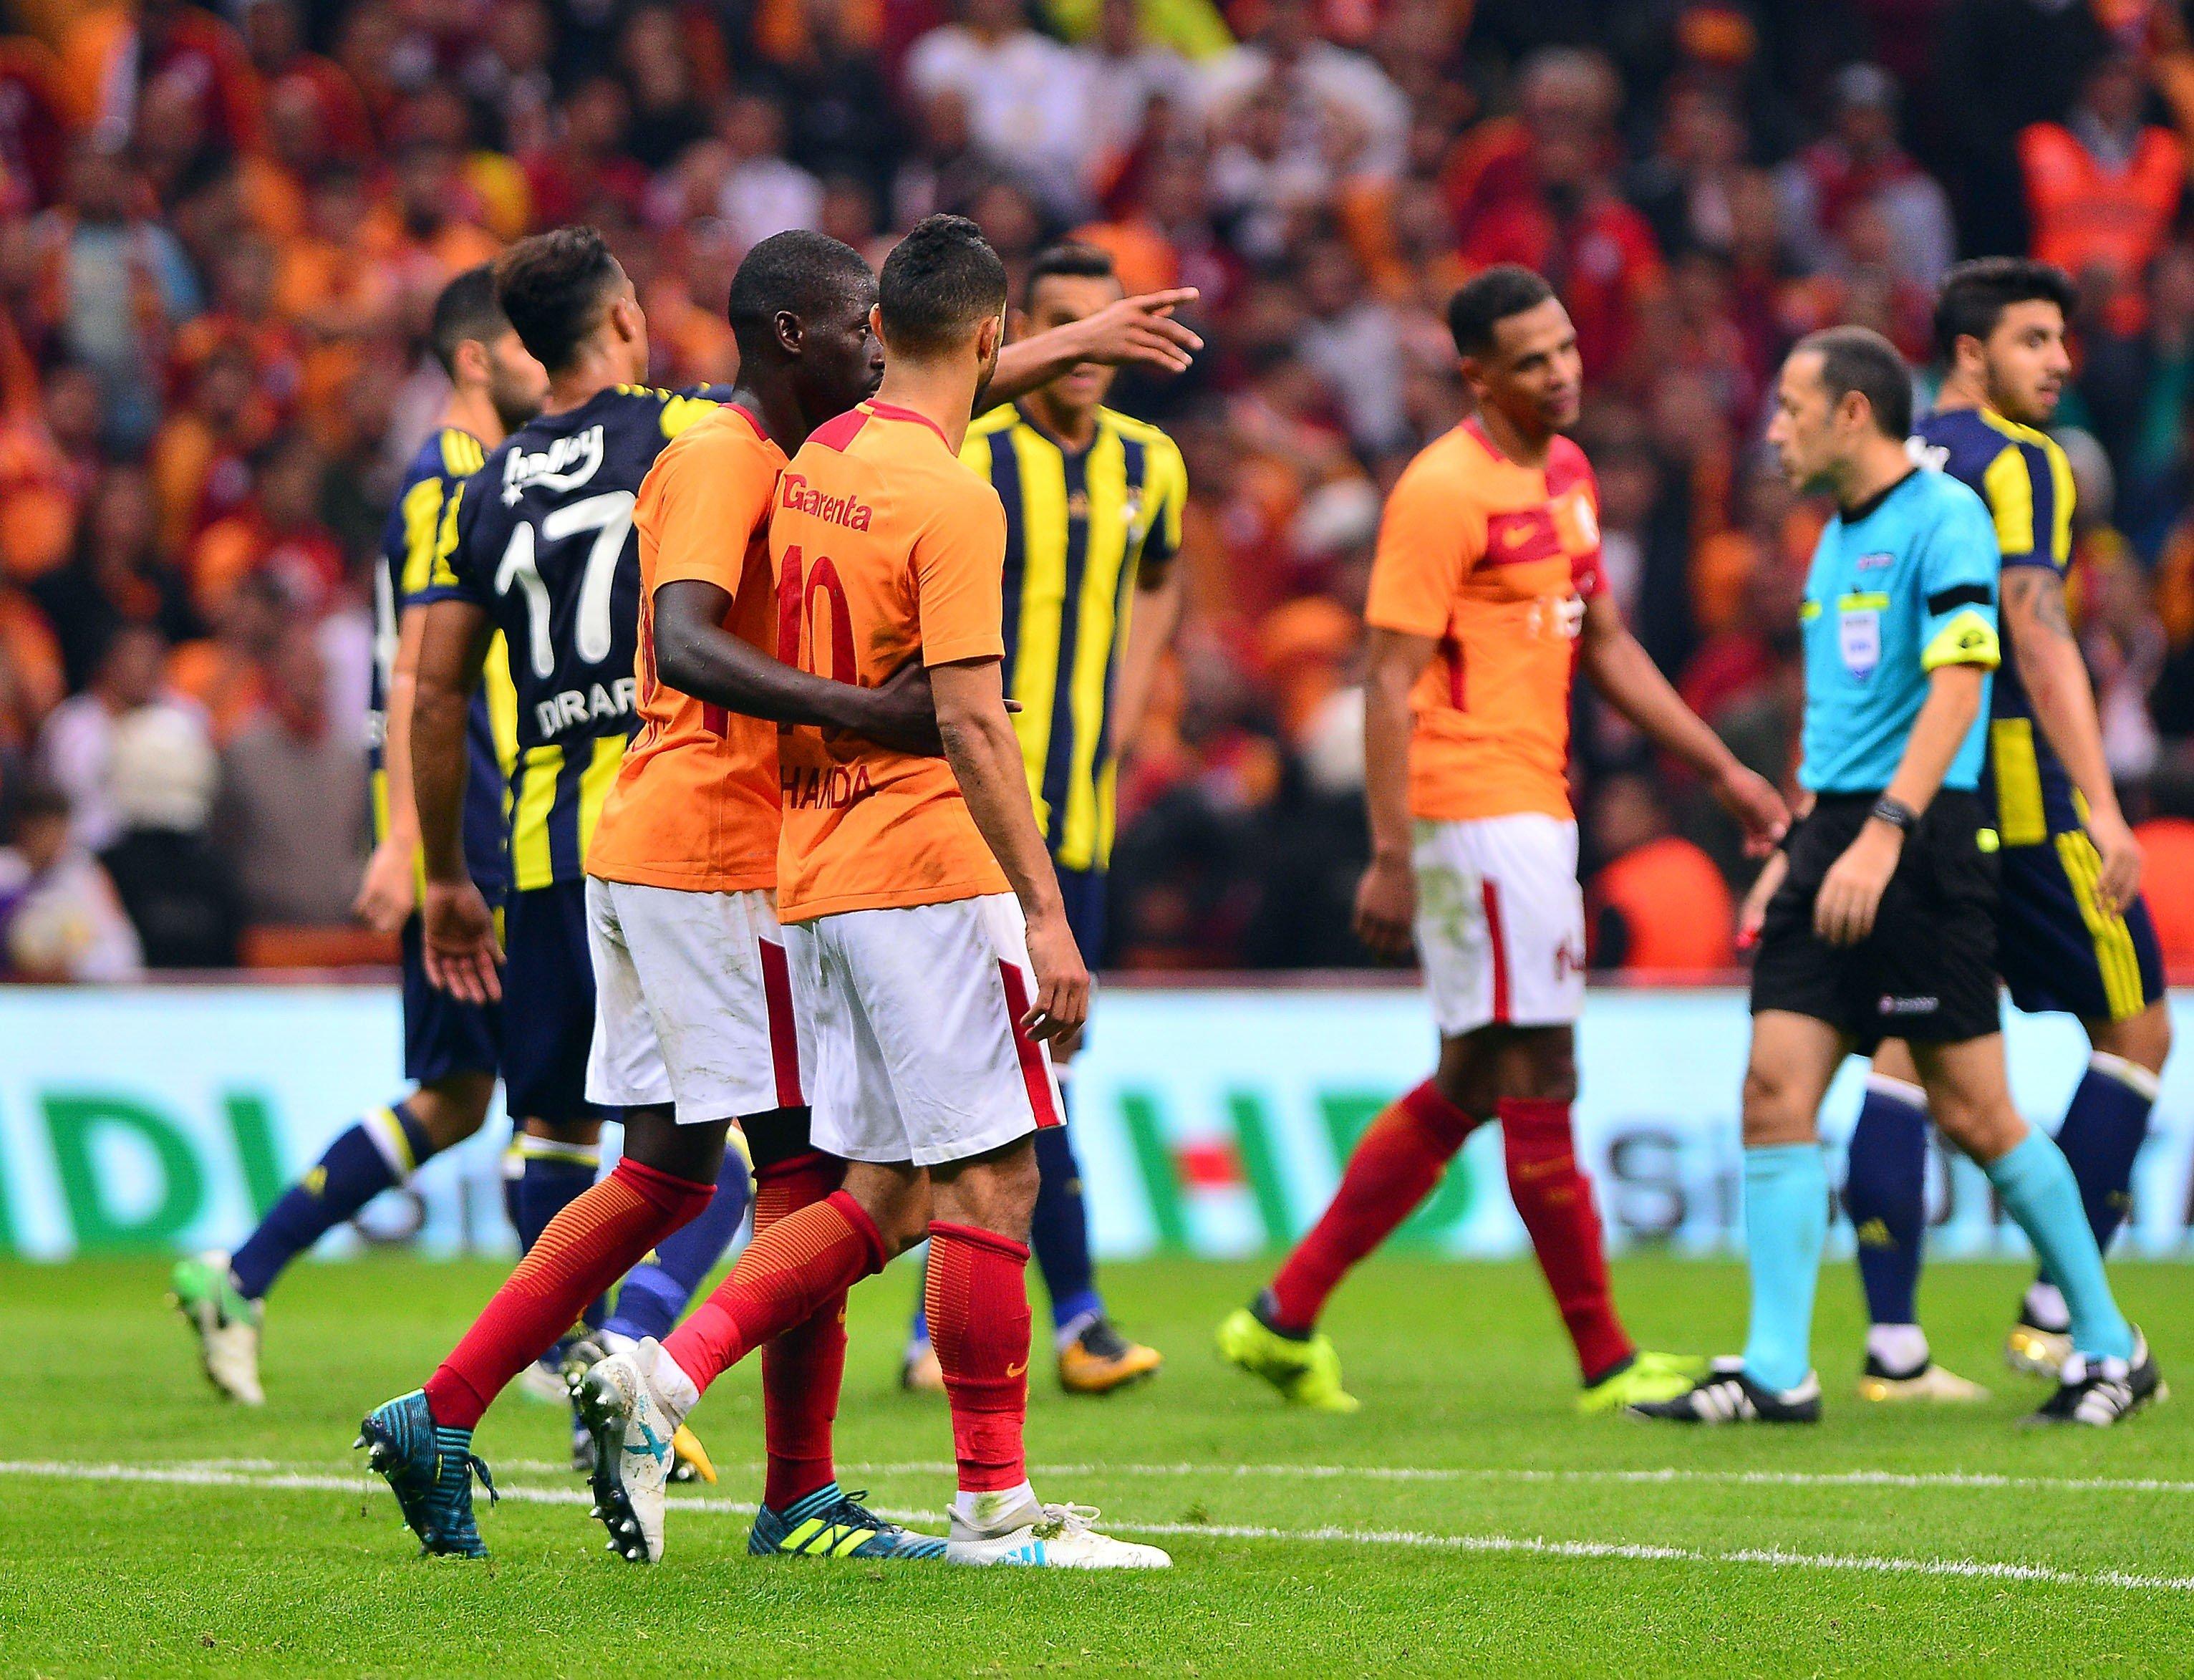 <h2>Fenerbahçe - Galatasaray bilgi arenası </h2>